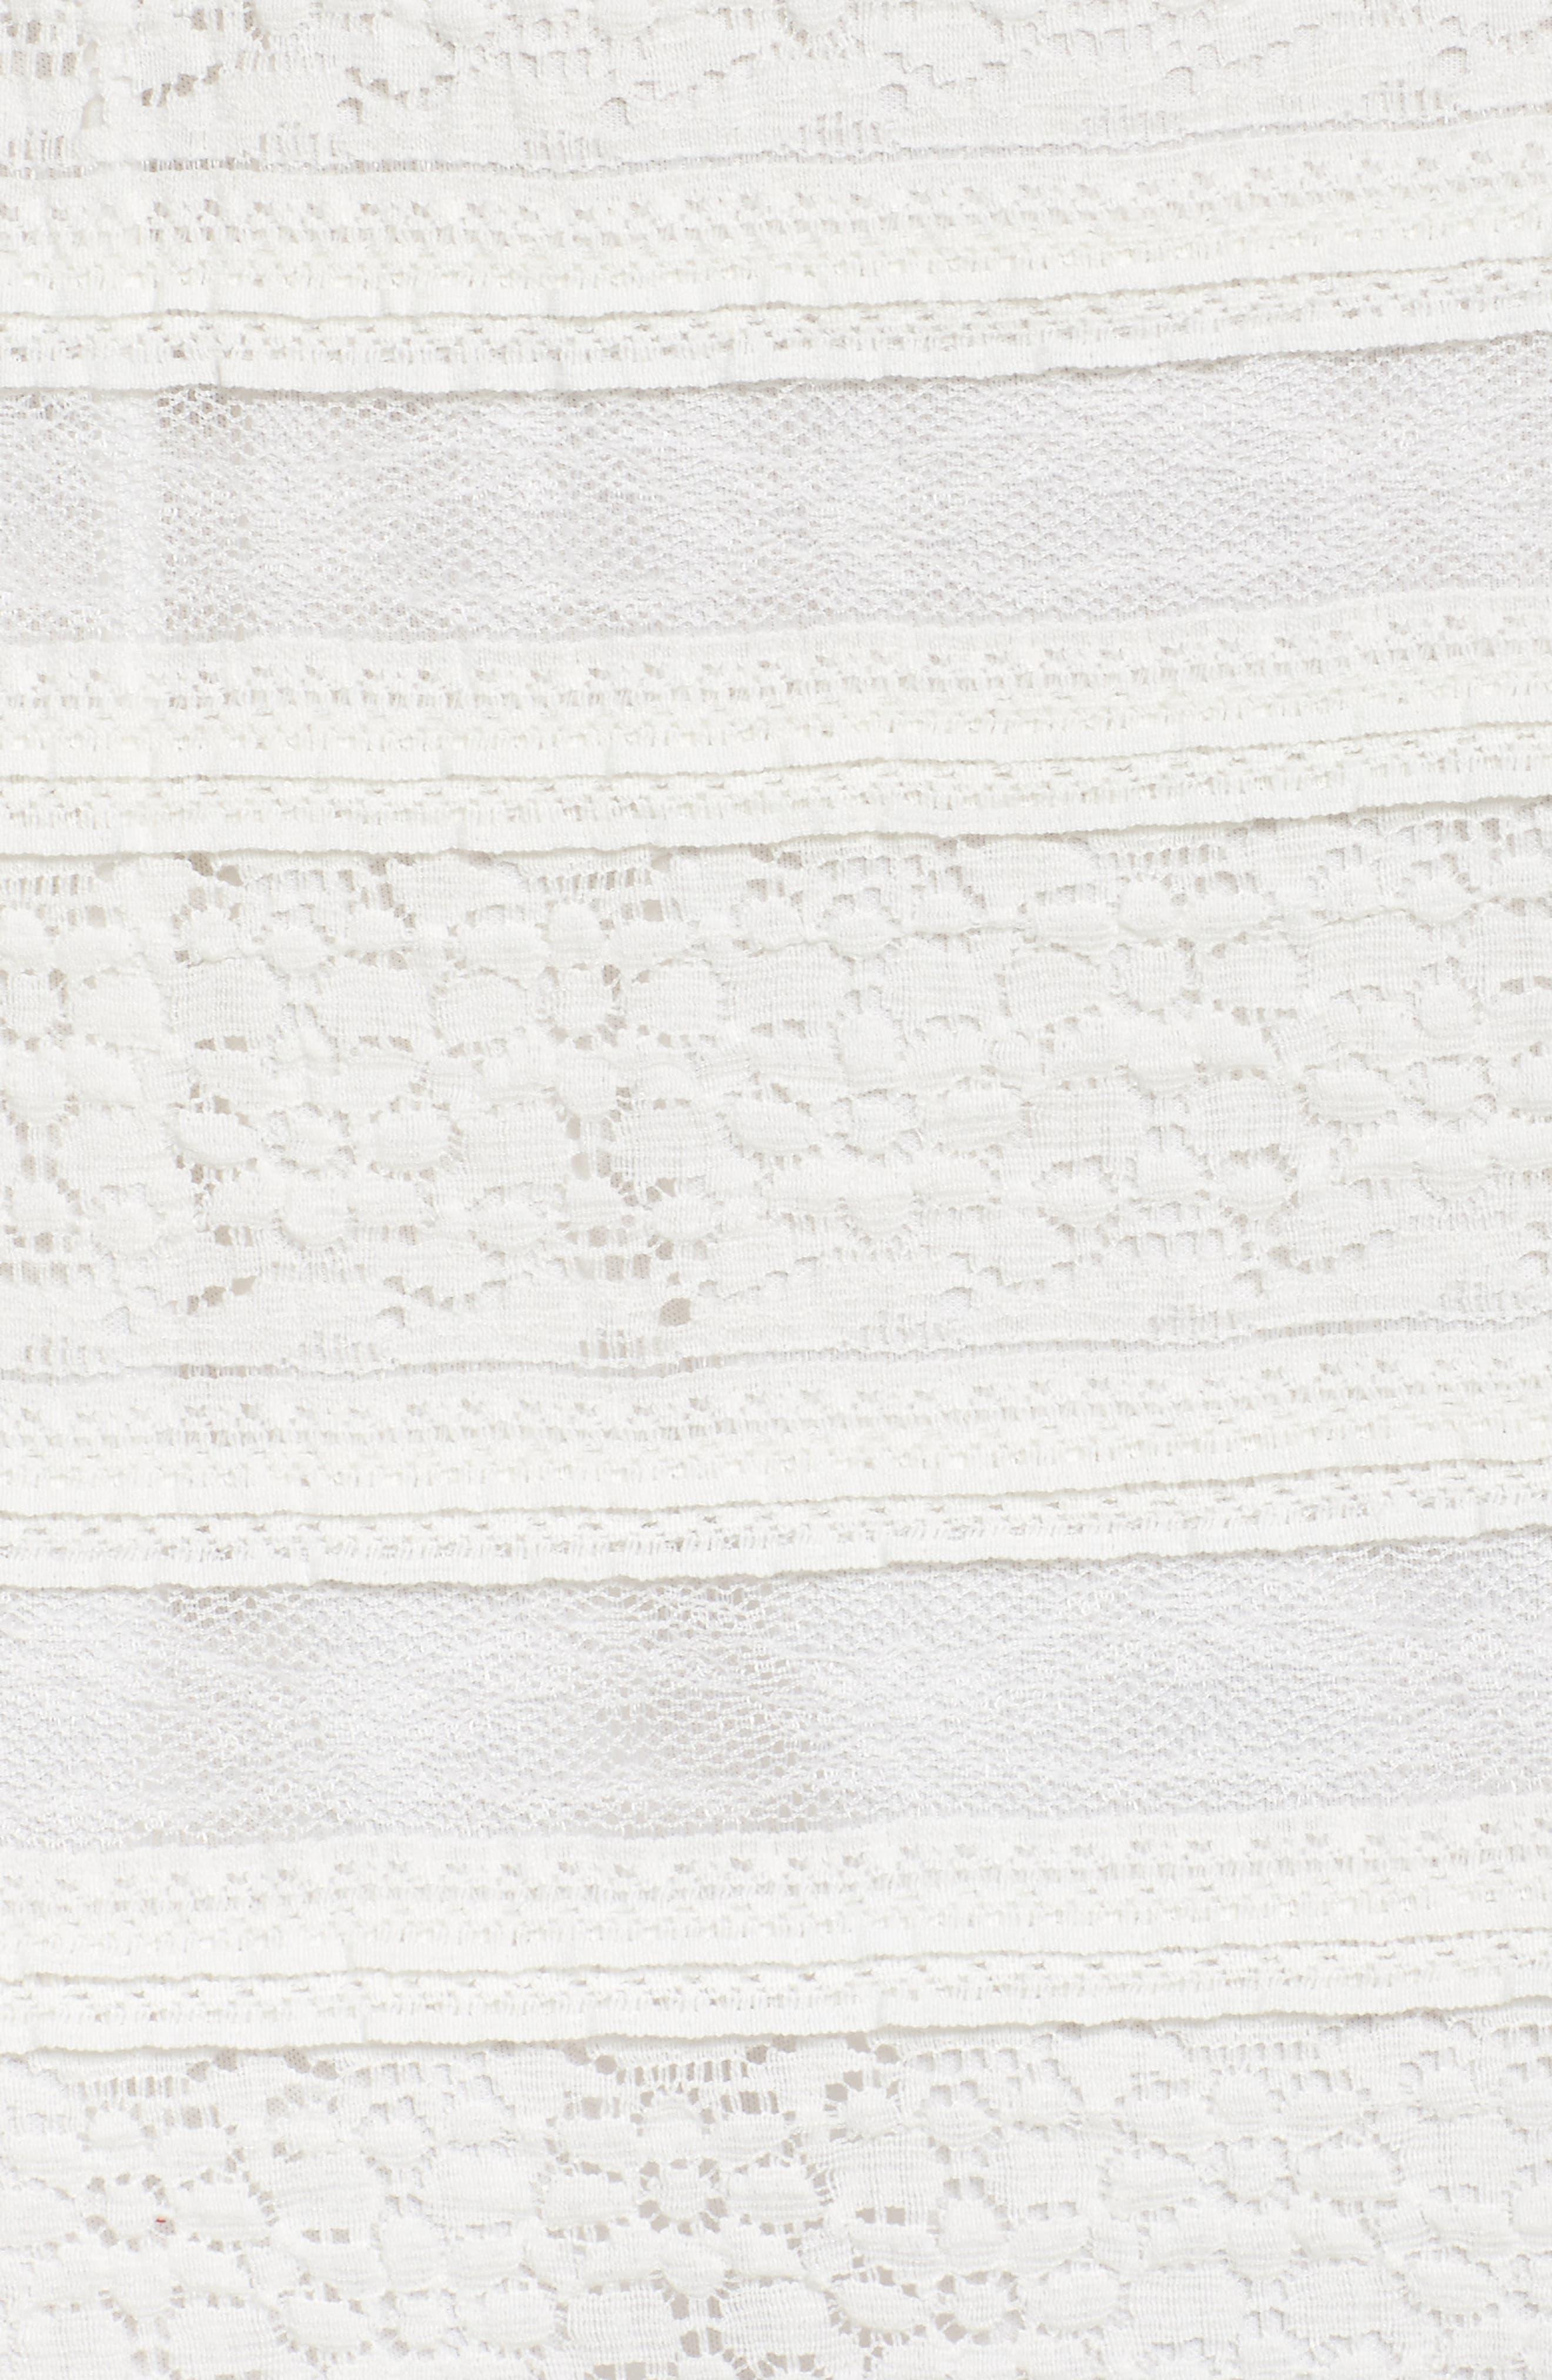 Makayla Peplum Lace Maxi Dress,                             Alternate thumbnail 5, color,                             901